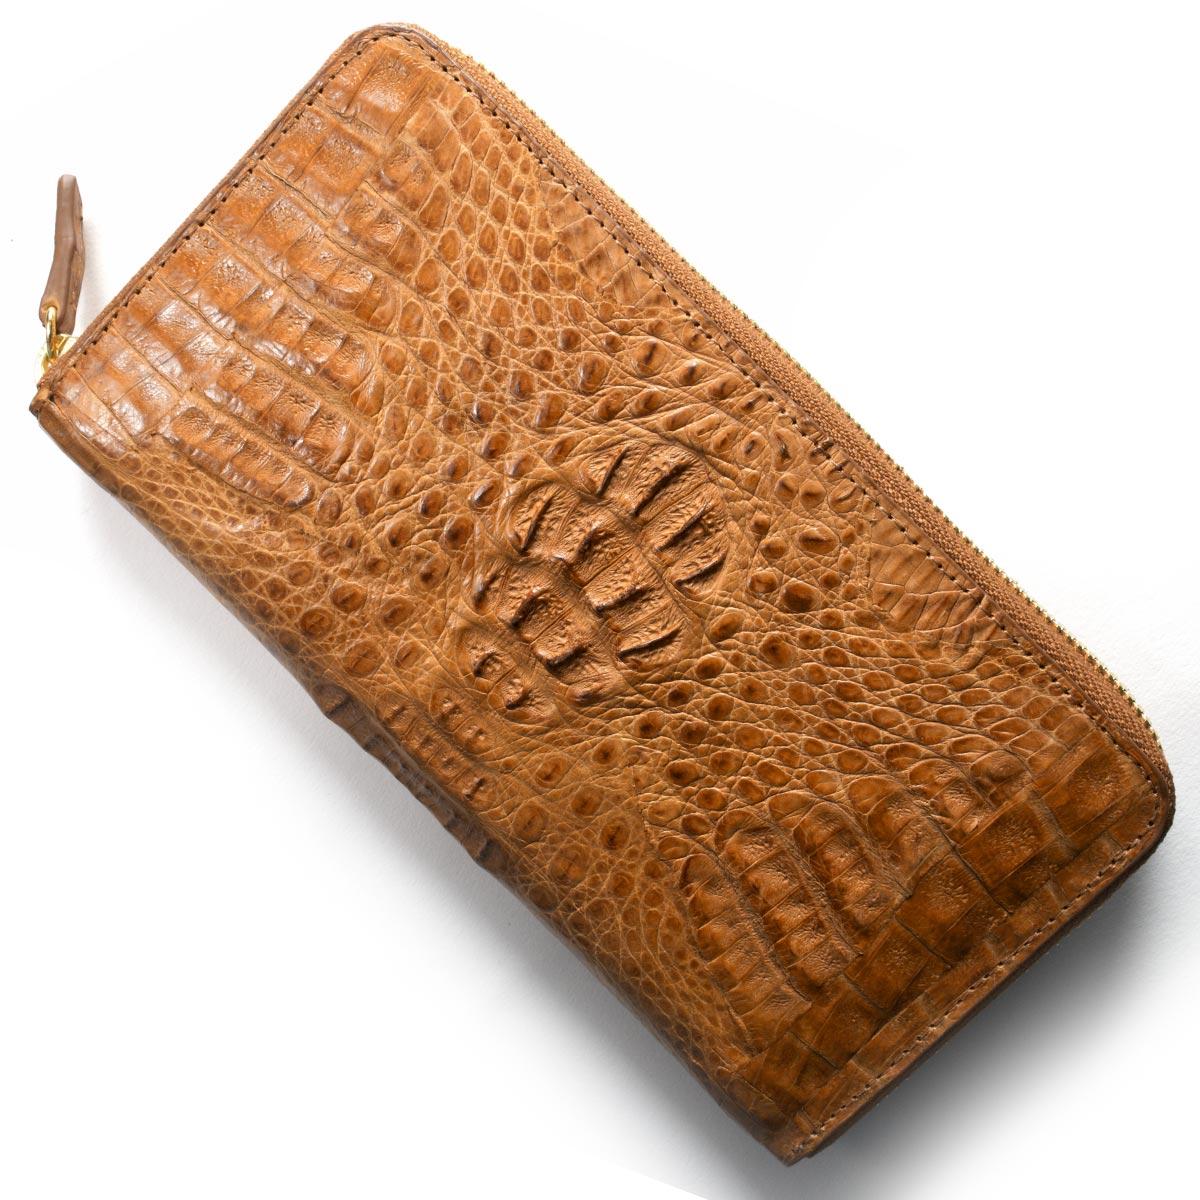 本革 長財布 財布 メンズ レディース カイマンワニ CAIMAN GENUINE キャメルブラウン CJN0477A PTMT Leather